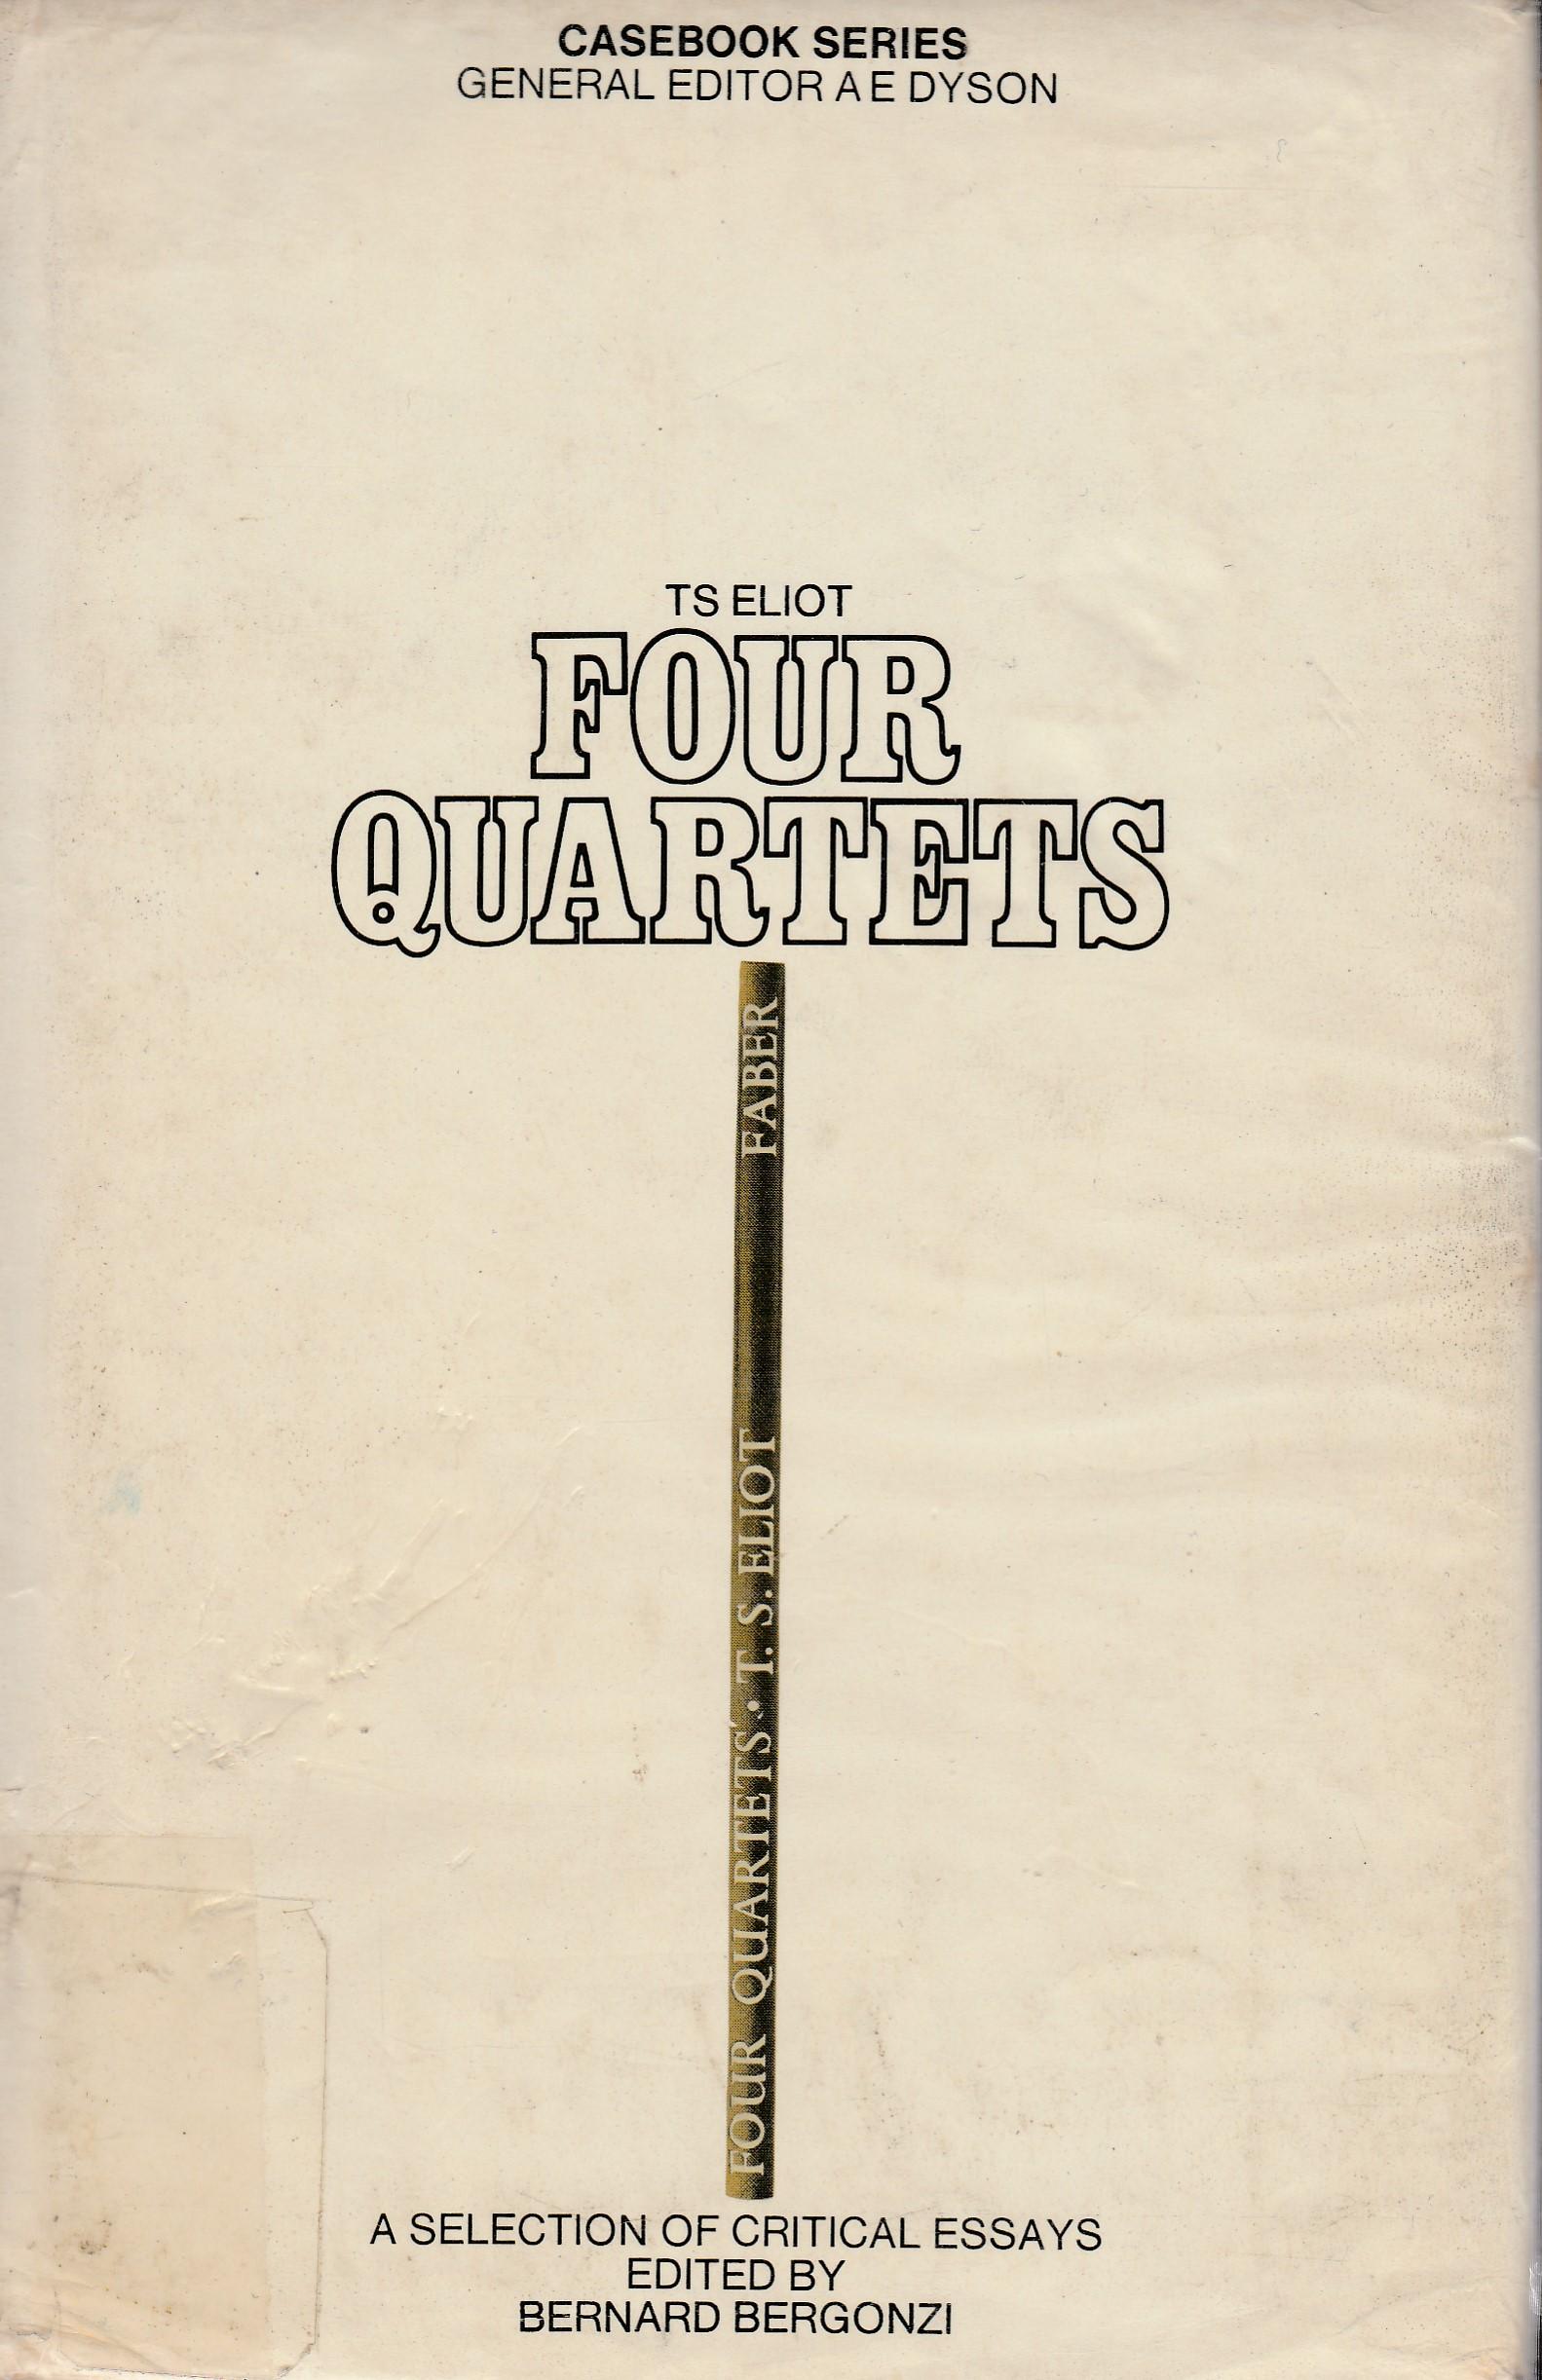 T.S. Eliot - Four Quartets